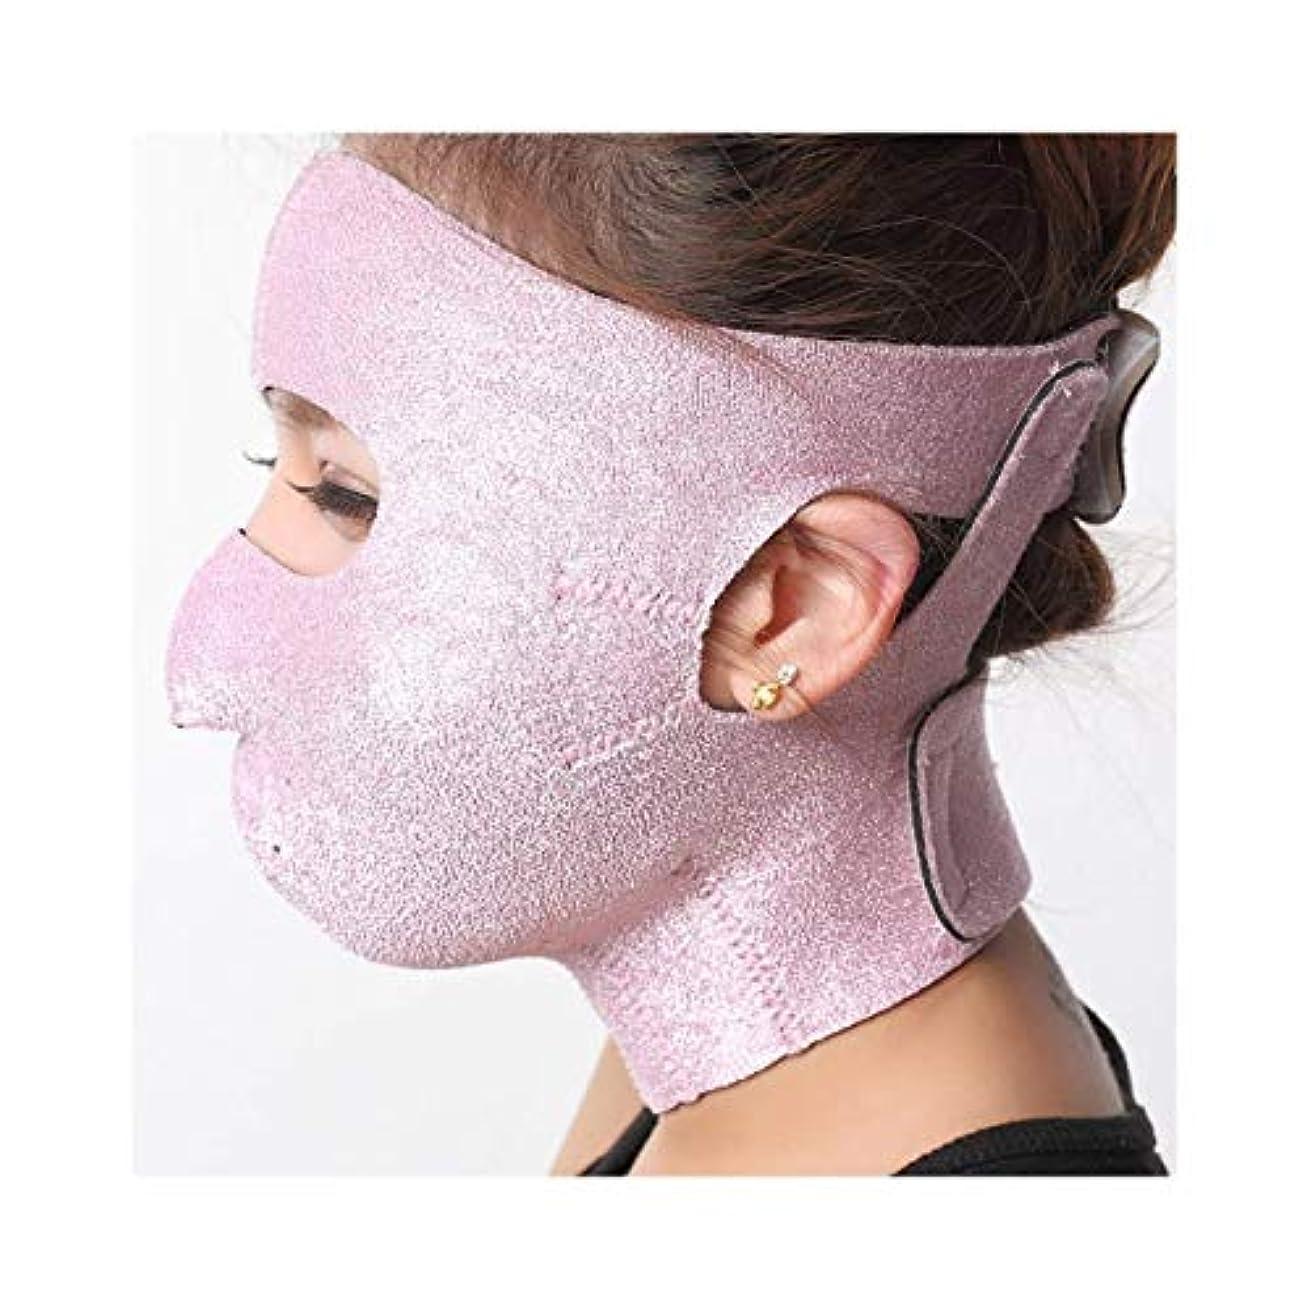 うなる毛皮絵引き締めフェイスマスク、小さなVフェイスアーティファクト睡眠リフティングマスク付き薄型フェイスバンデージマスク引き締めクリームフェイスリフトフェイスメロンフェイス楽器